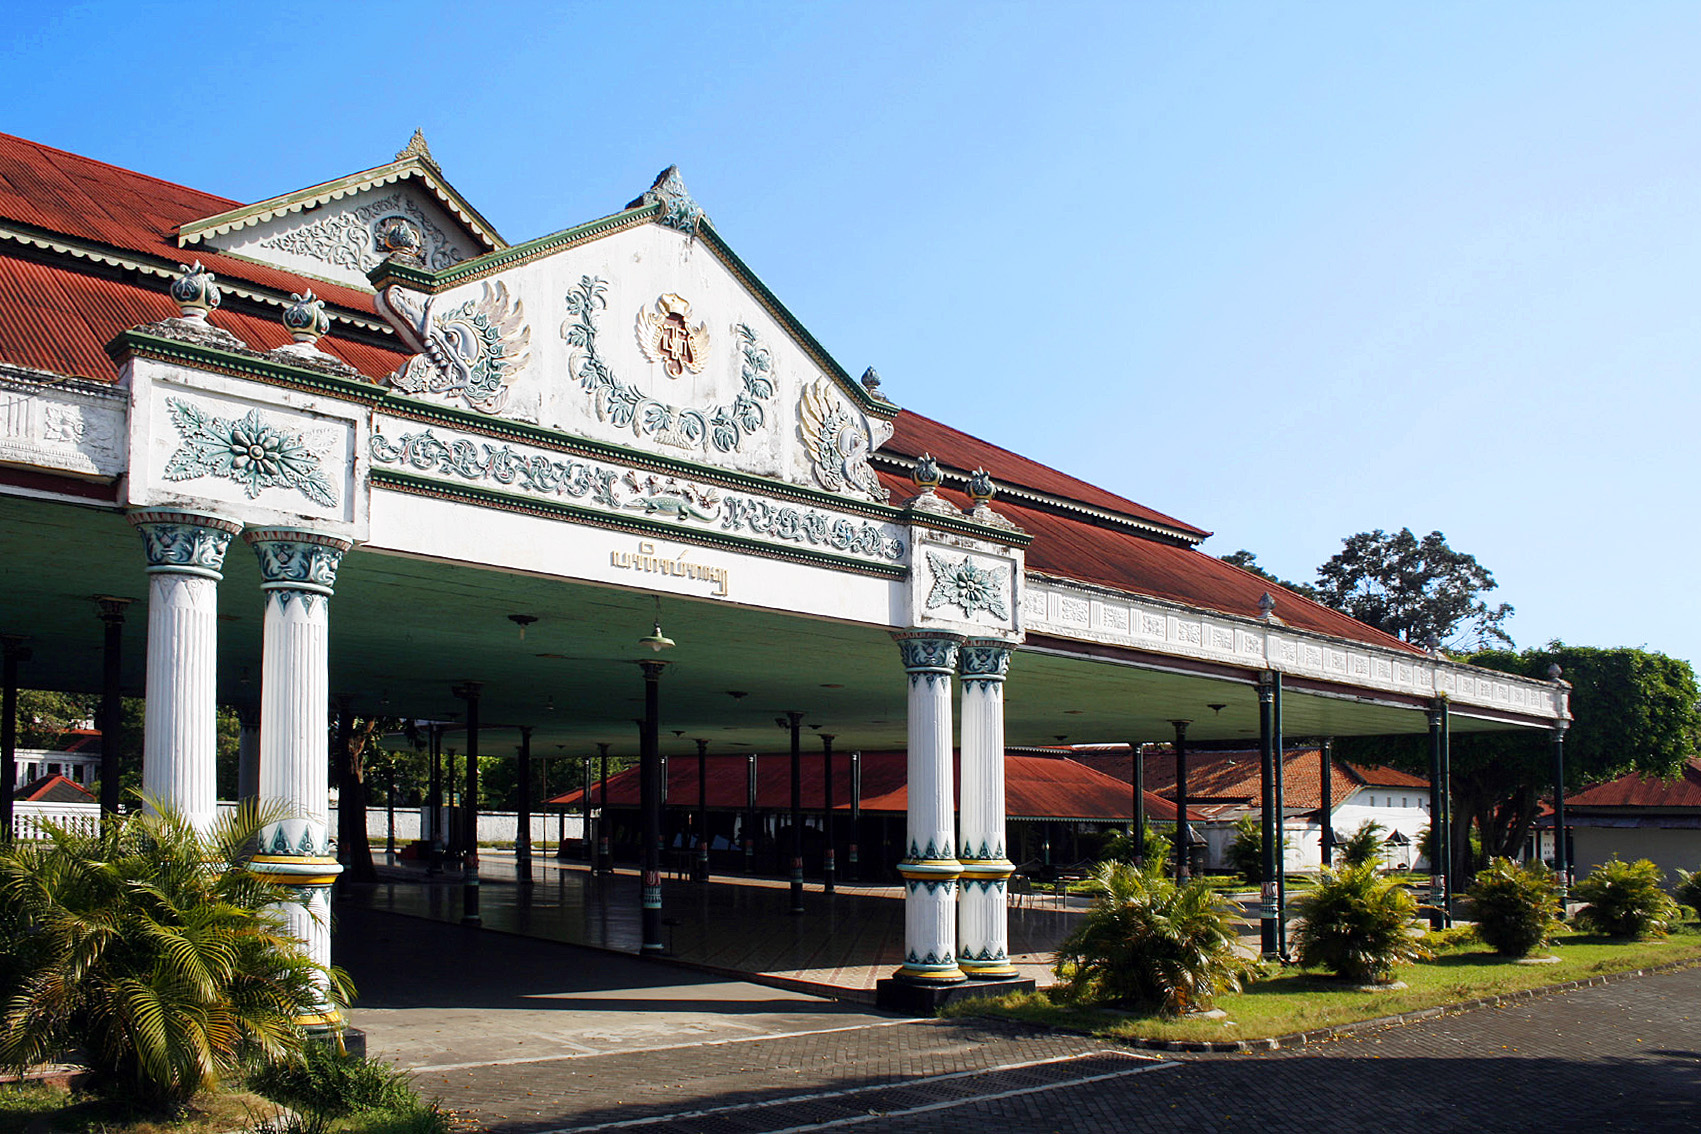 File:Kraton Yogyakarta Pagelaran.jpg - Wikimedia Commons